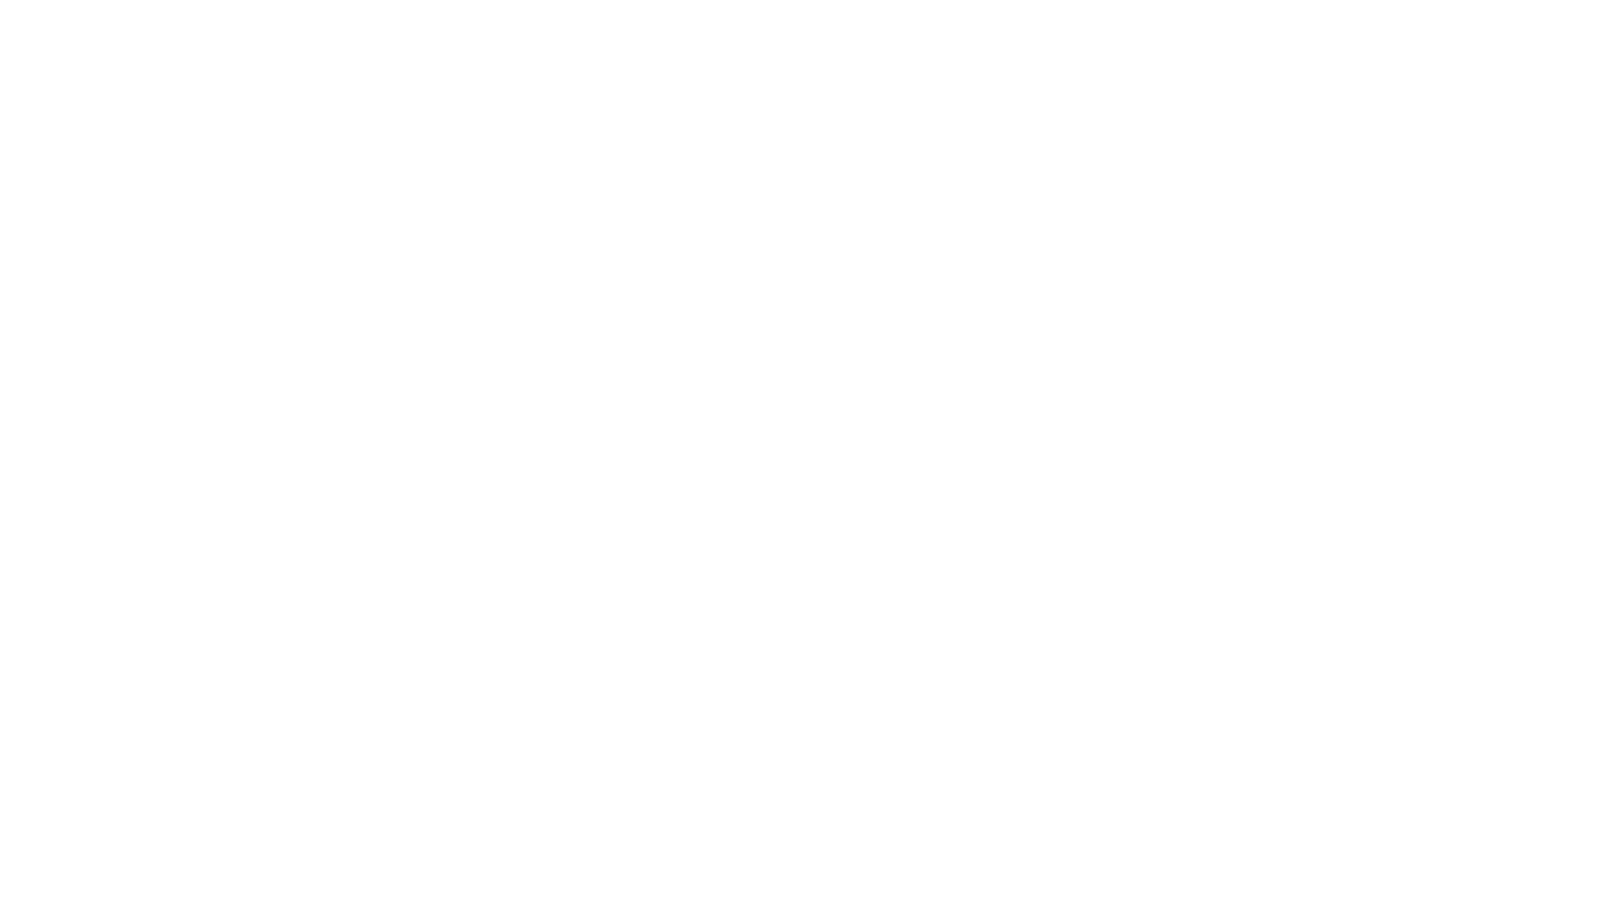 Hoy más que nunca debemos sumar nuestros esfuerzos, nuestra energía y nuestros talentos por un bien común, en este video quiero darles 3 tips para lograr trabajar en equipo, una de las habilidades esenciales del siglo XXI.  Los invito a que visiten https://www.juandavidaristizabal.com para saber más.  Hagan parte de la tribu: https://www.instagram.com/juandavidaristi/ https://twitter.com/JuanDavidAristi https://www.linkedin.com/in/juandavidaristi/ https://www.facebook.com/juandavidaristizabalo